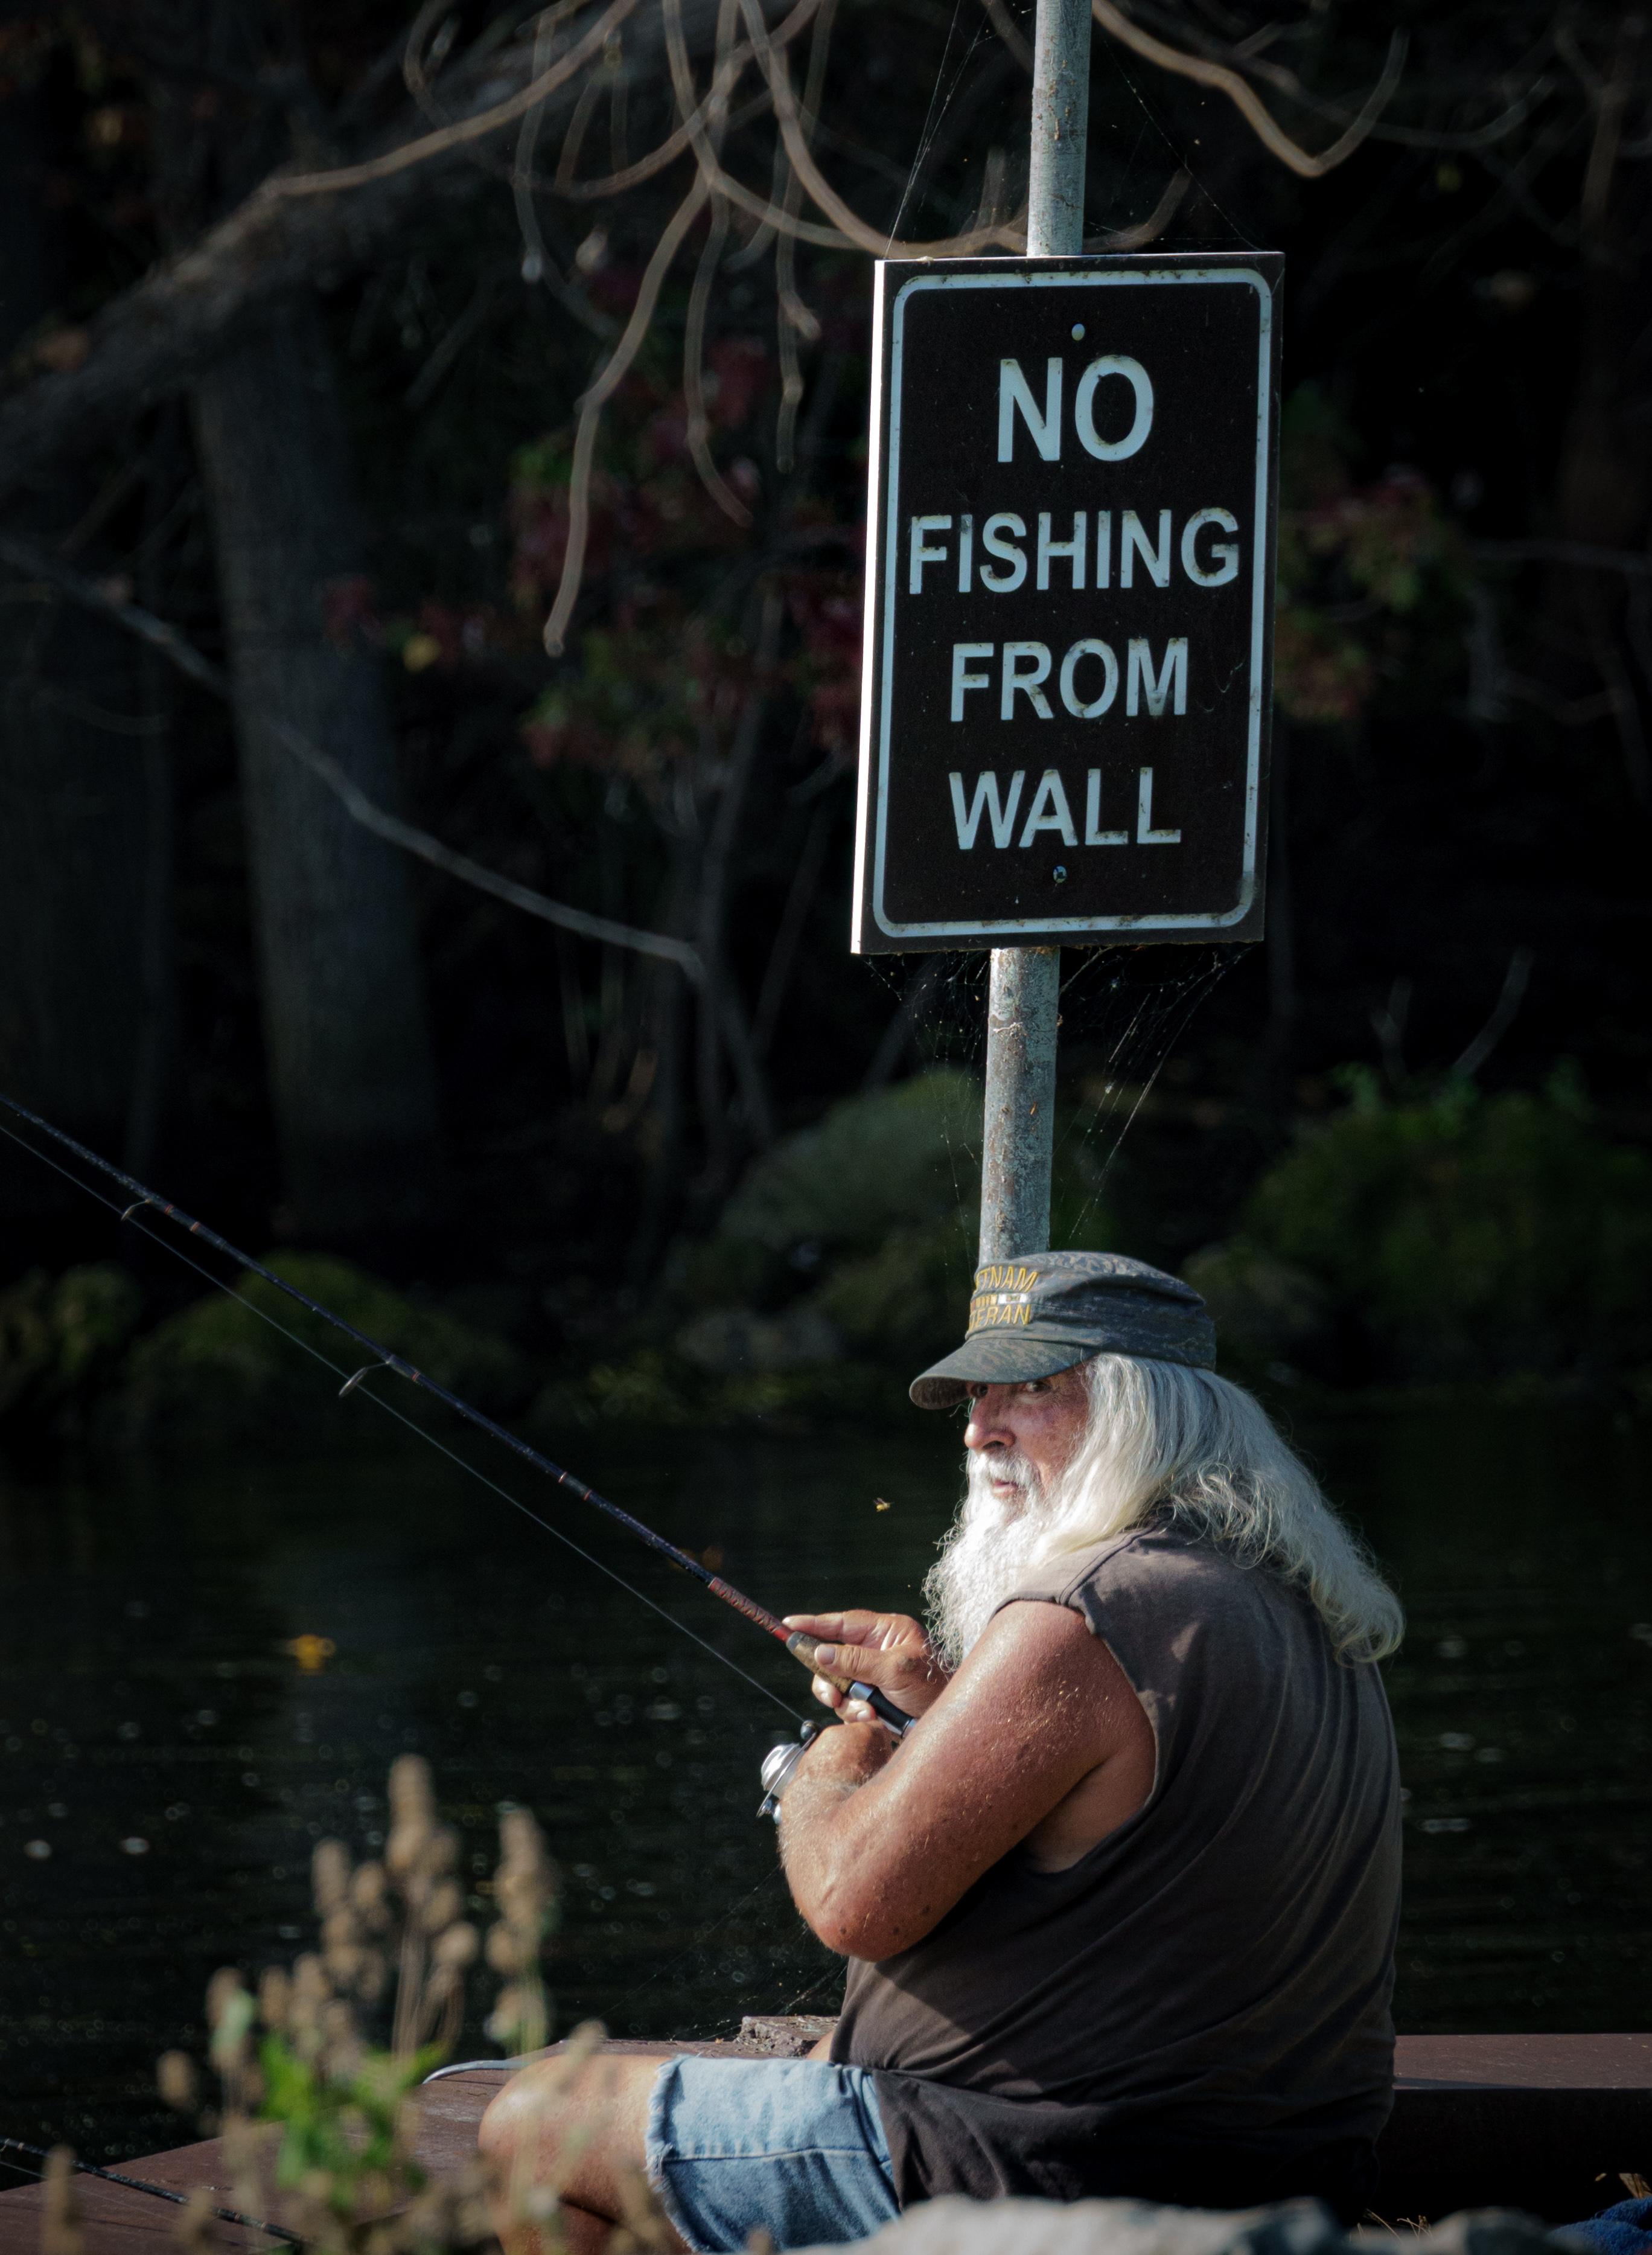 No Fishin!